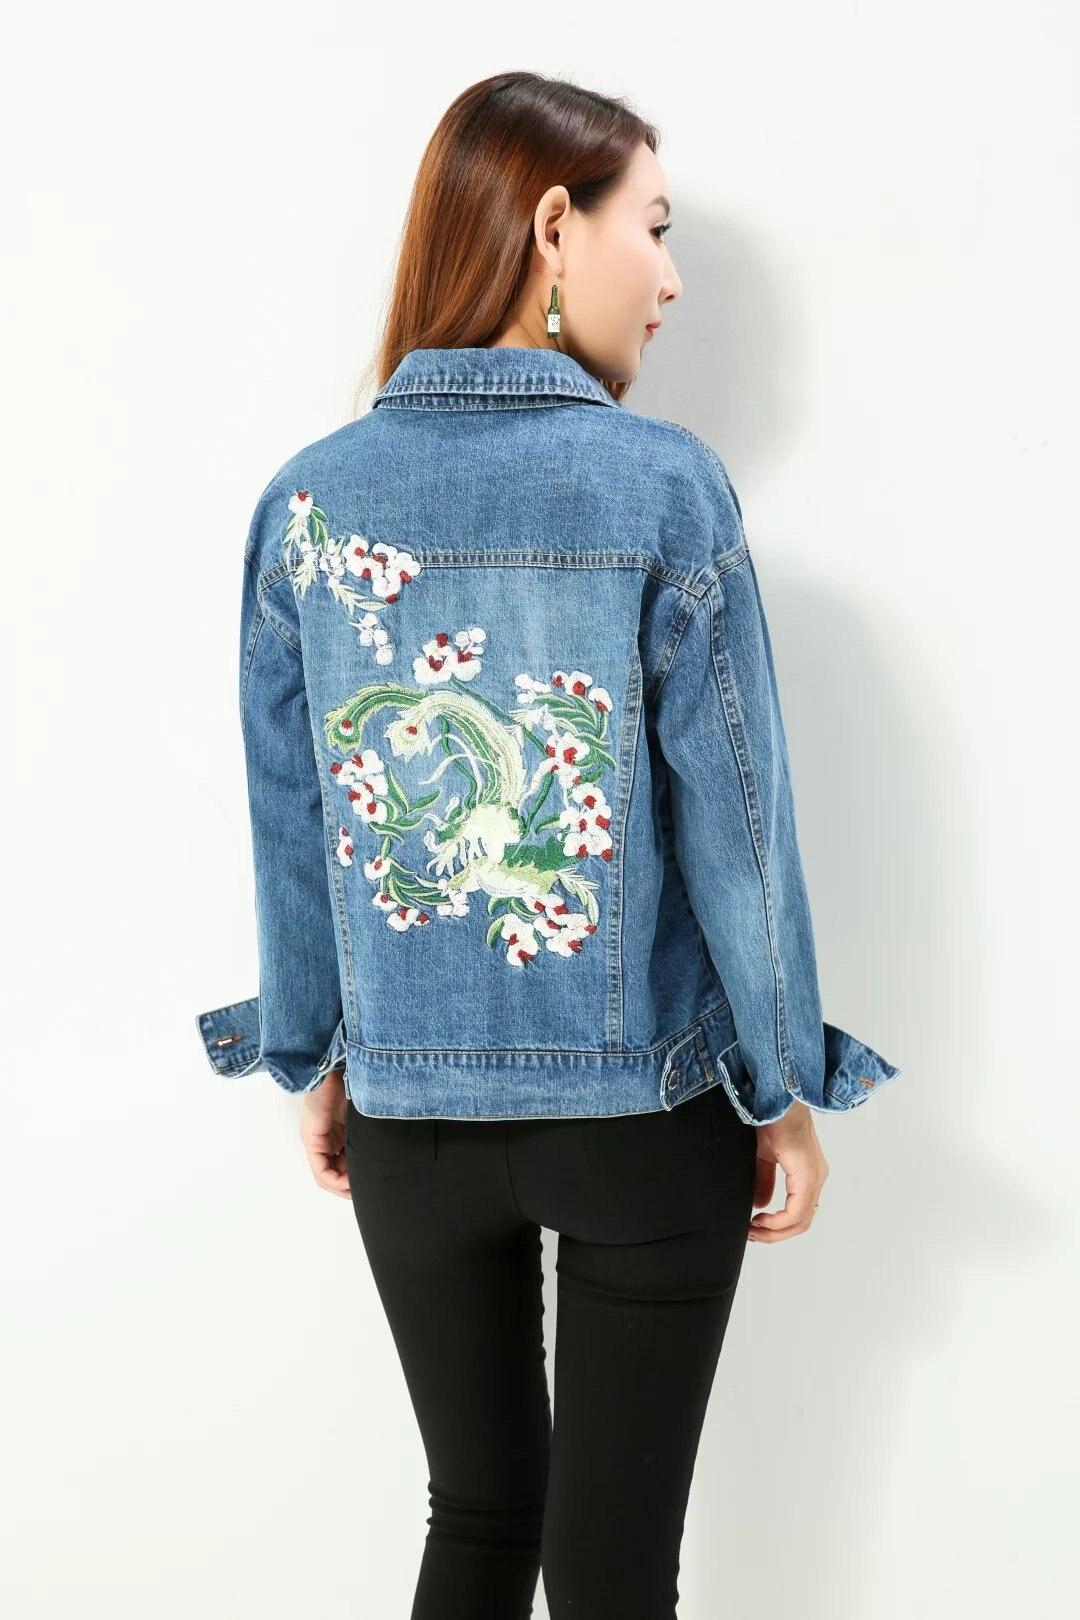 Kürklü-deri-ceket-Mavi-Jeans-2013-Bayan-Giyim